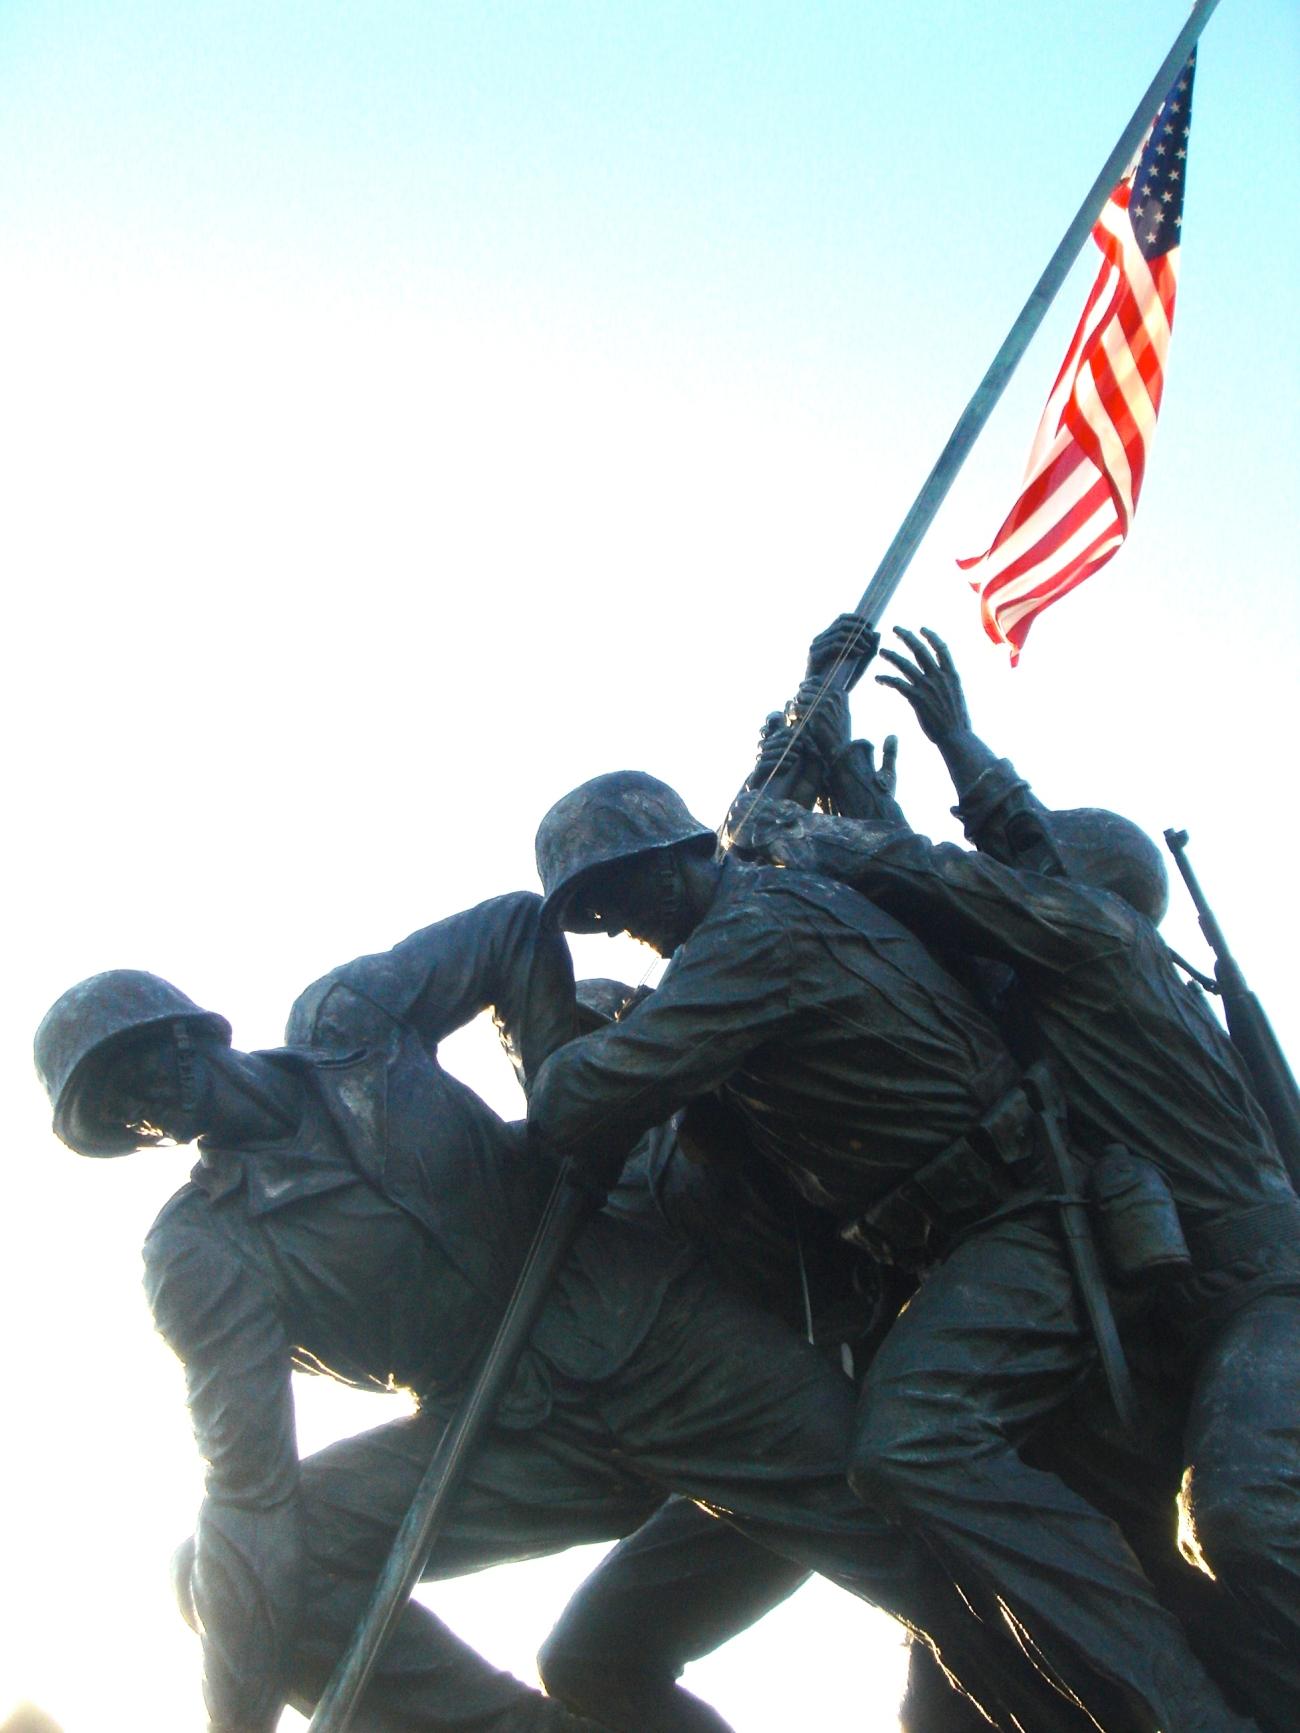 Iwo Jima Memoria (c) Diana Belchase 2011